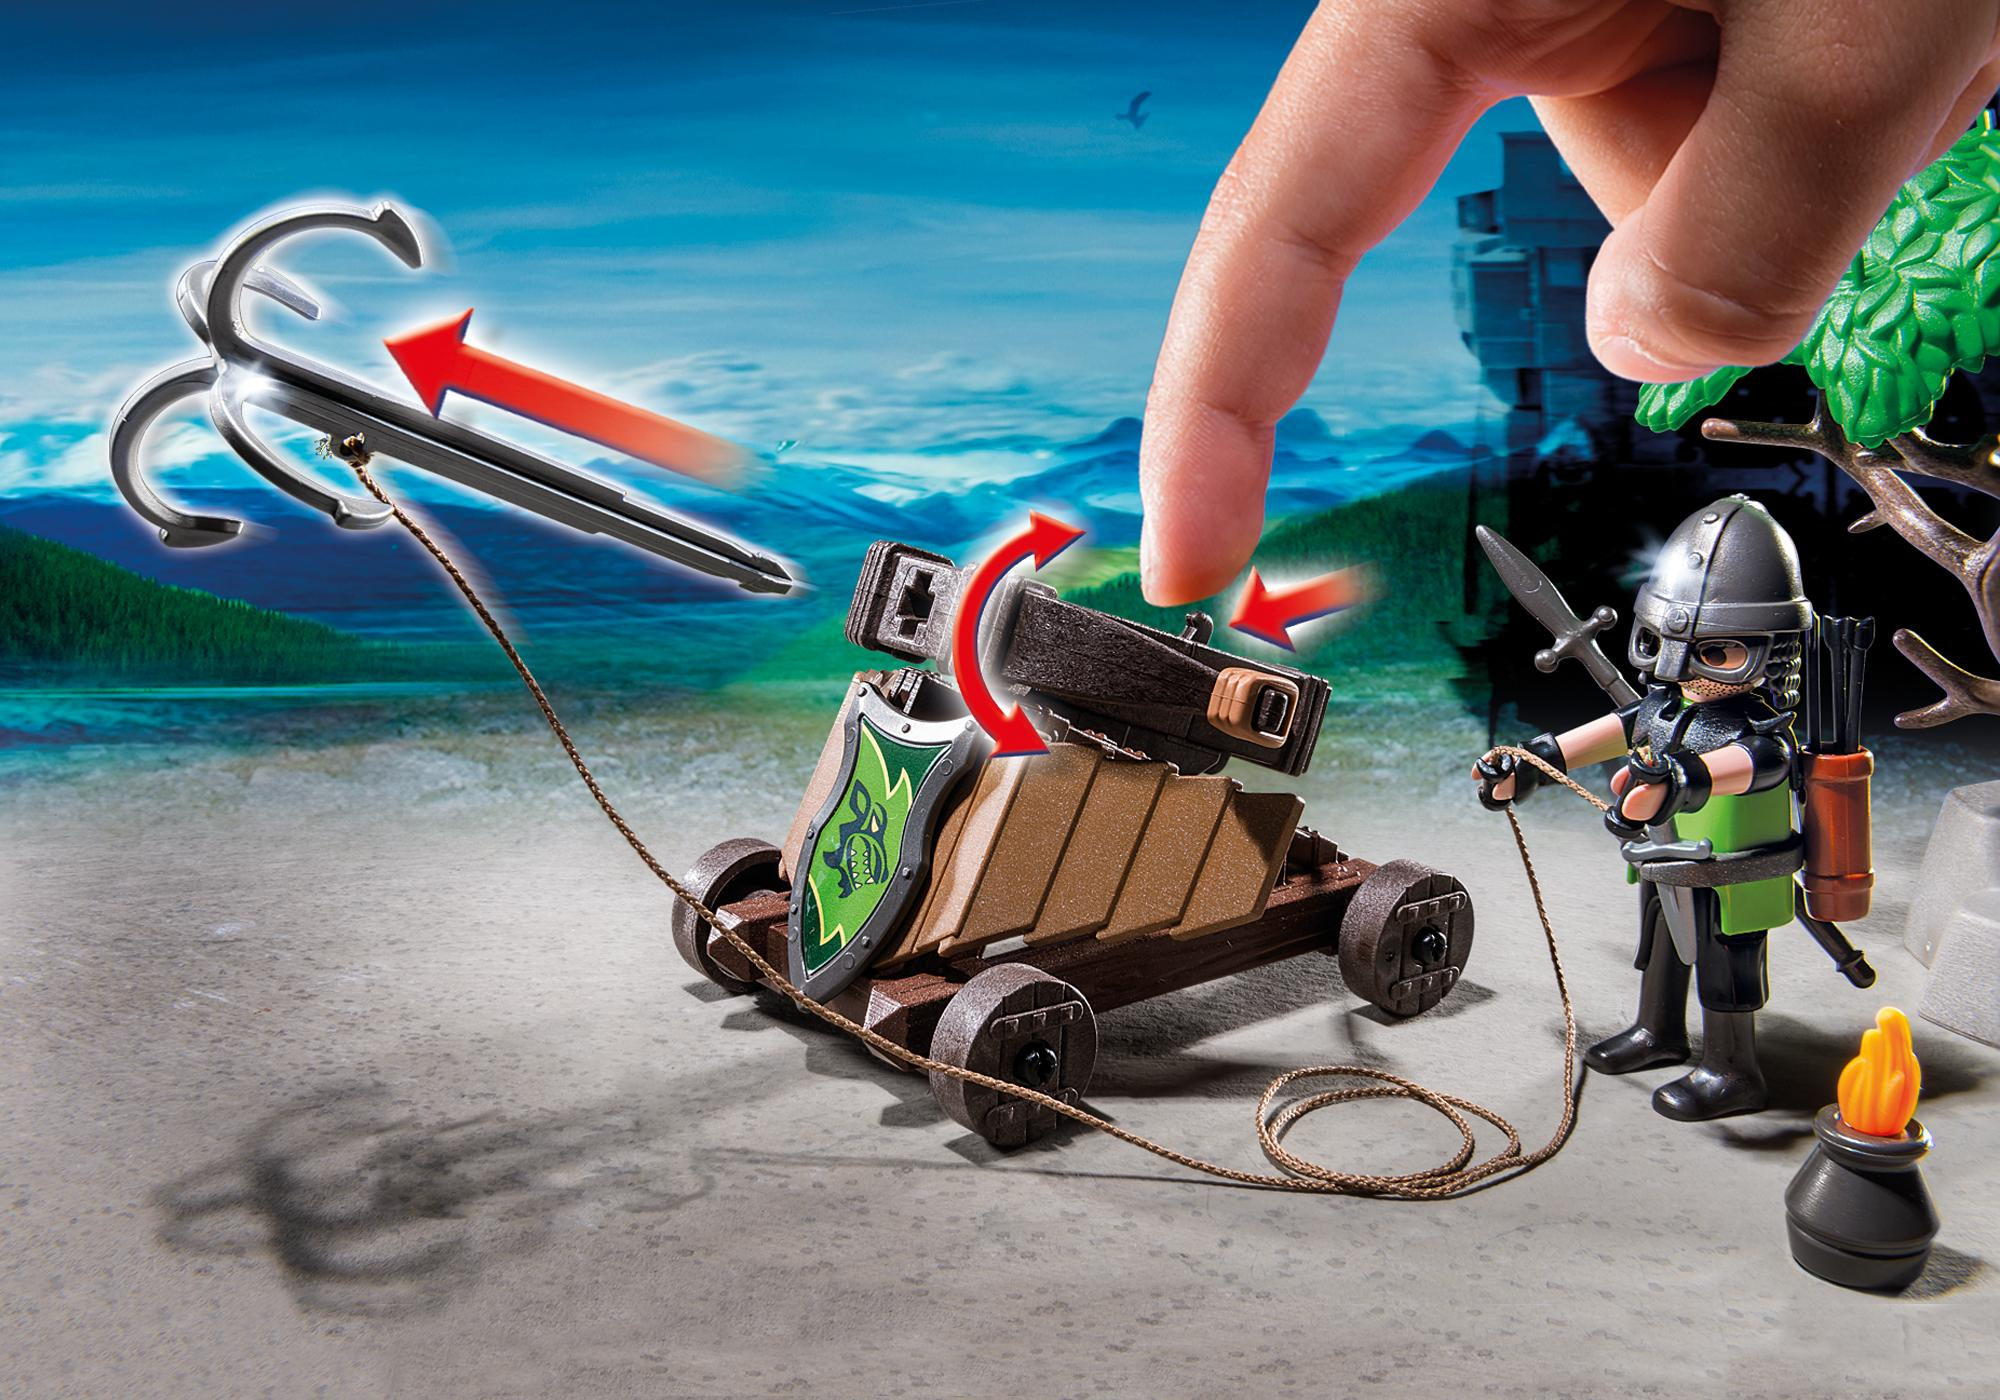 http://media.playmobil.com/i/playmobil/6041_product_extra2/Oddział bojowy rycerzy herbu Wilk